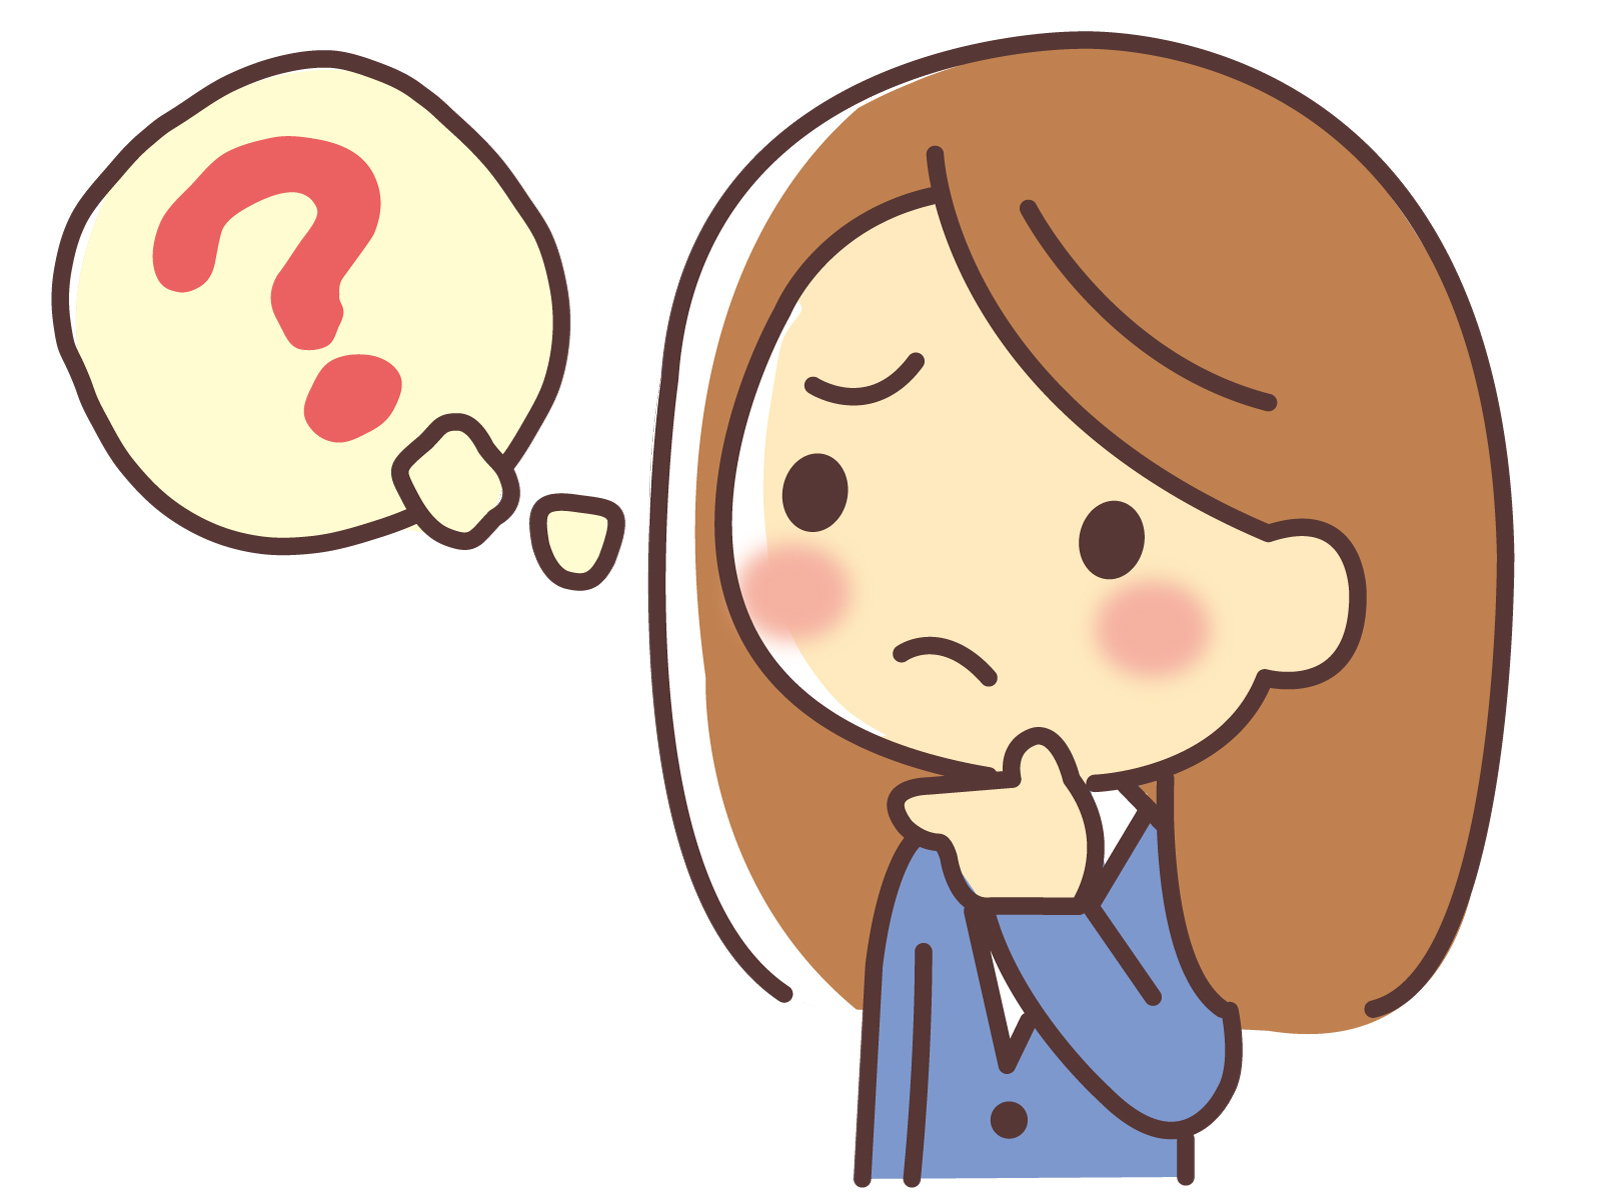 ウィッグ探し&ウィッグ制作のタイミング☆いつ探すのがベスト?_f0277245_10264001.jpg